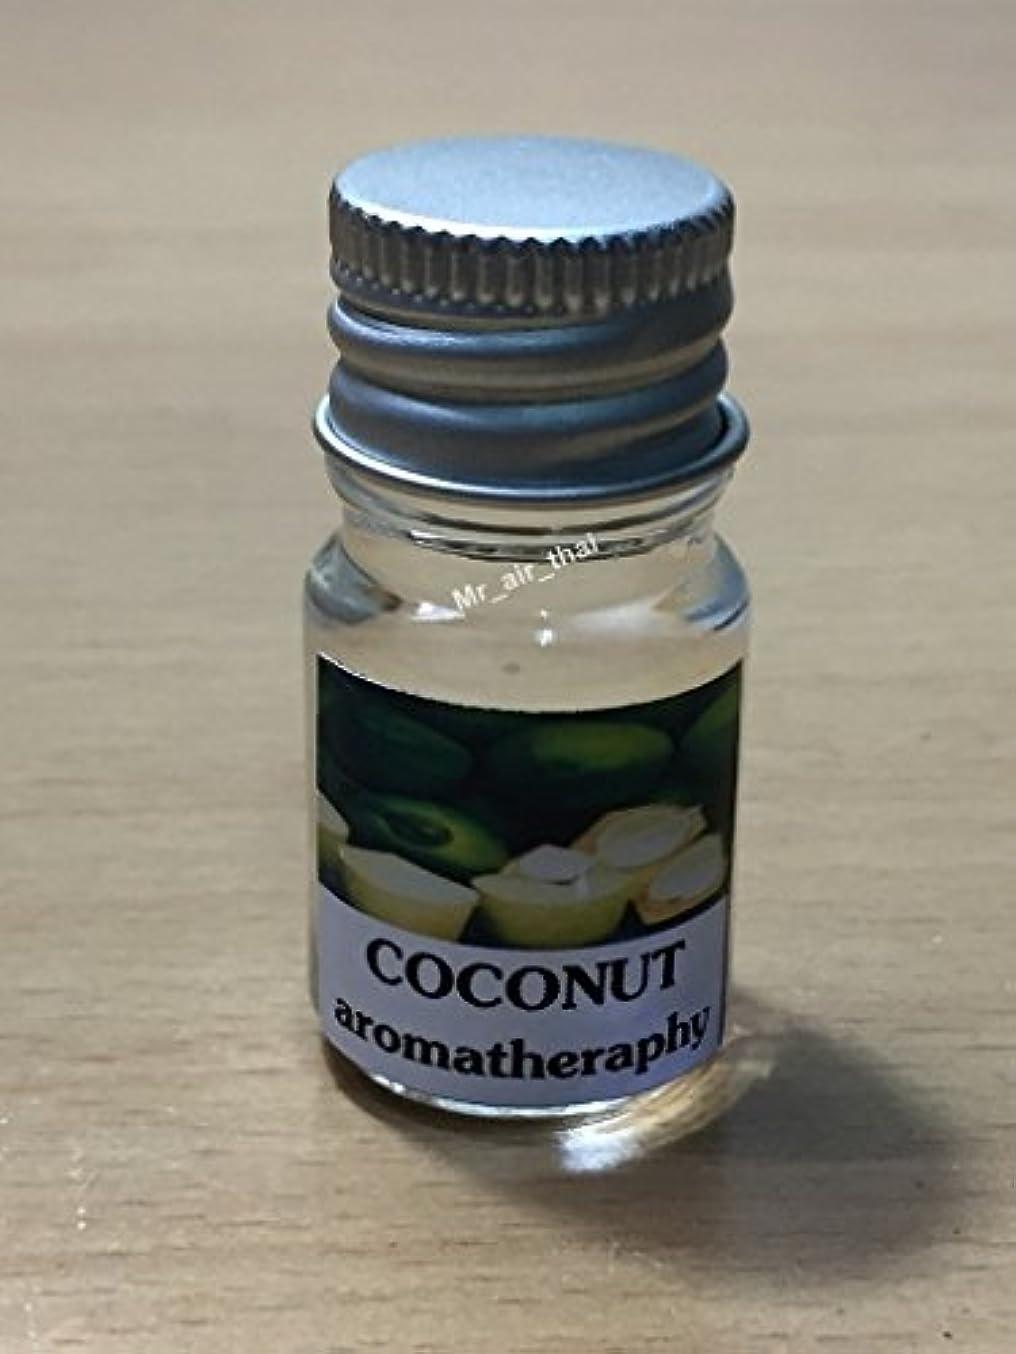 租界救いボウル5ミリリットルアロマココナッツフランクインセンスエッセンシャルオイルボトルアロマテラピーオイル自然自然5ml Aroma Coconut Frankincense Essential Oil Bottles Aromatherapy...